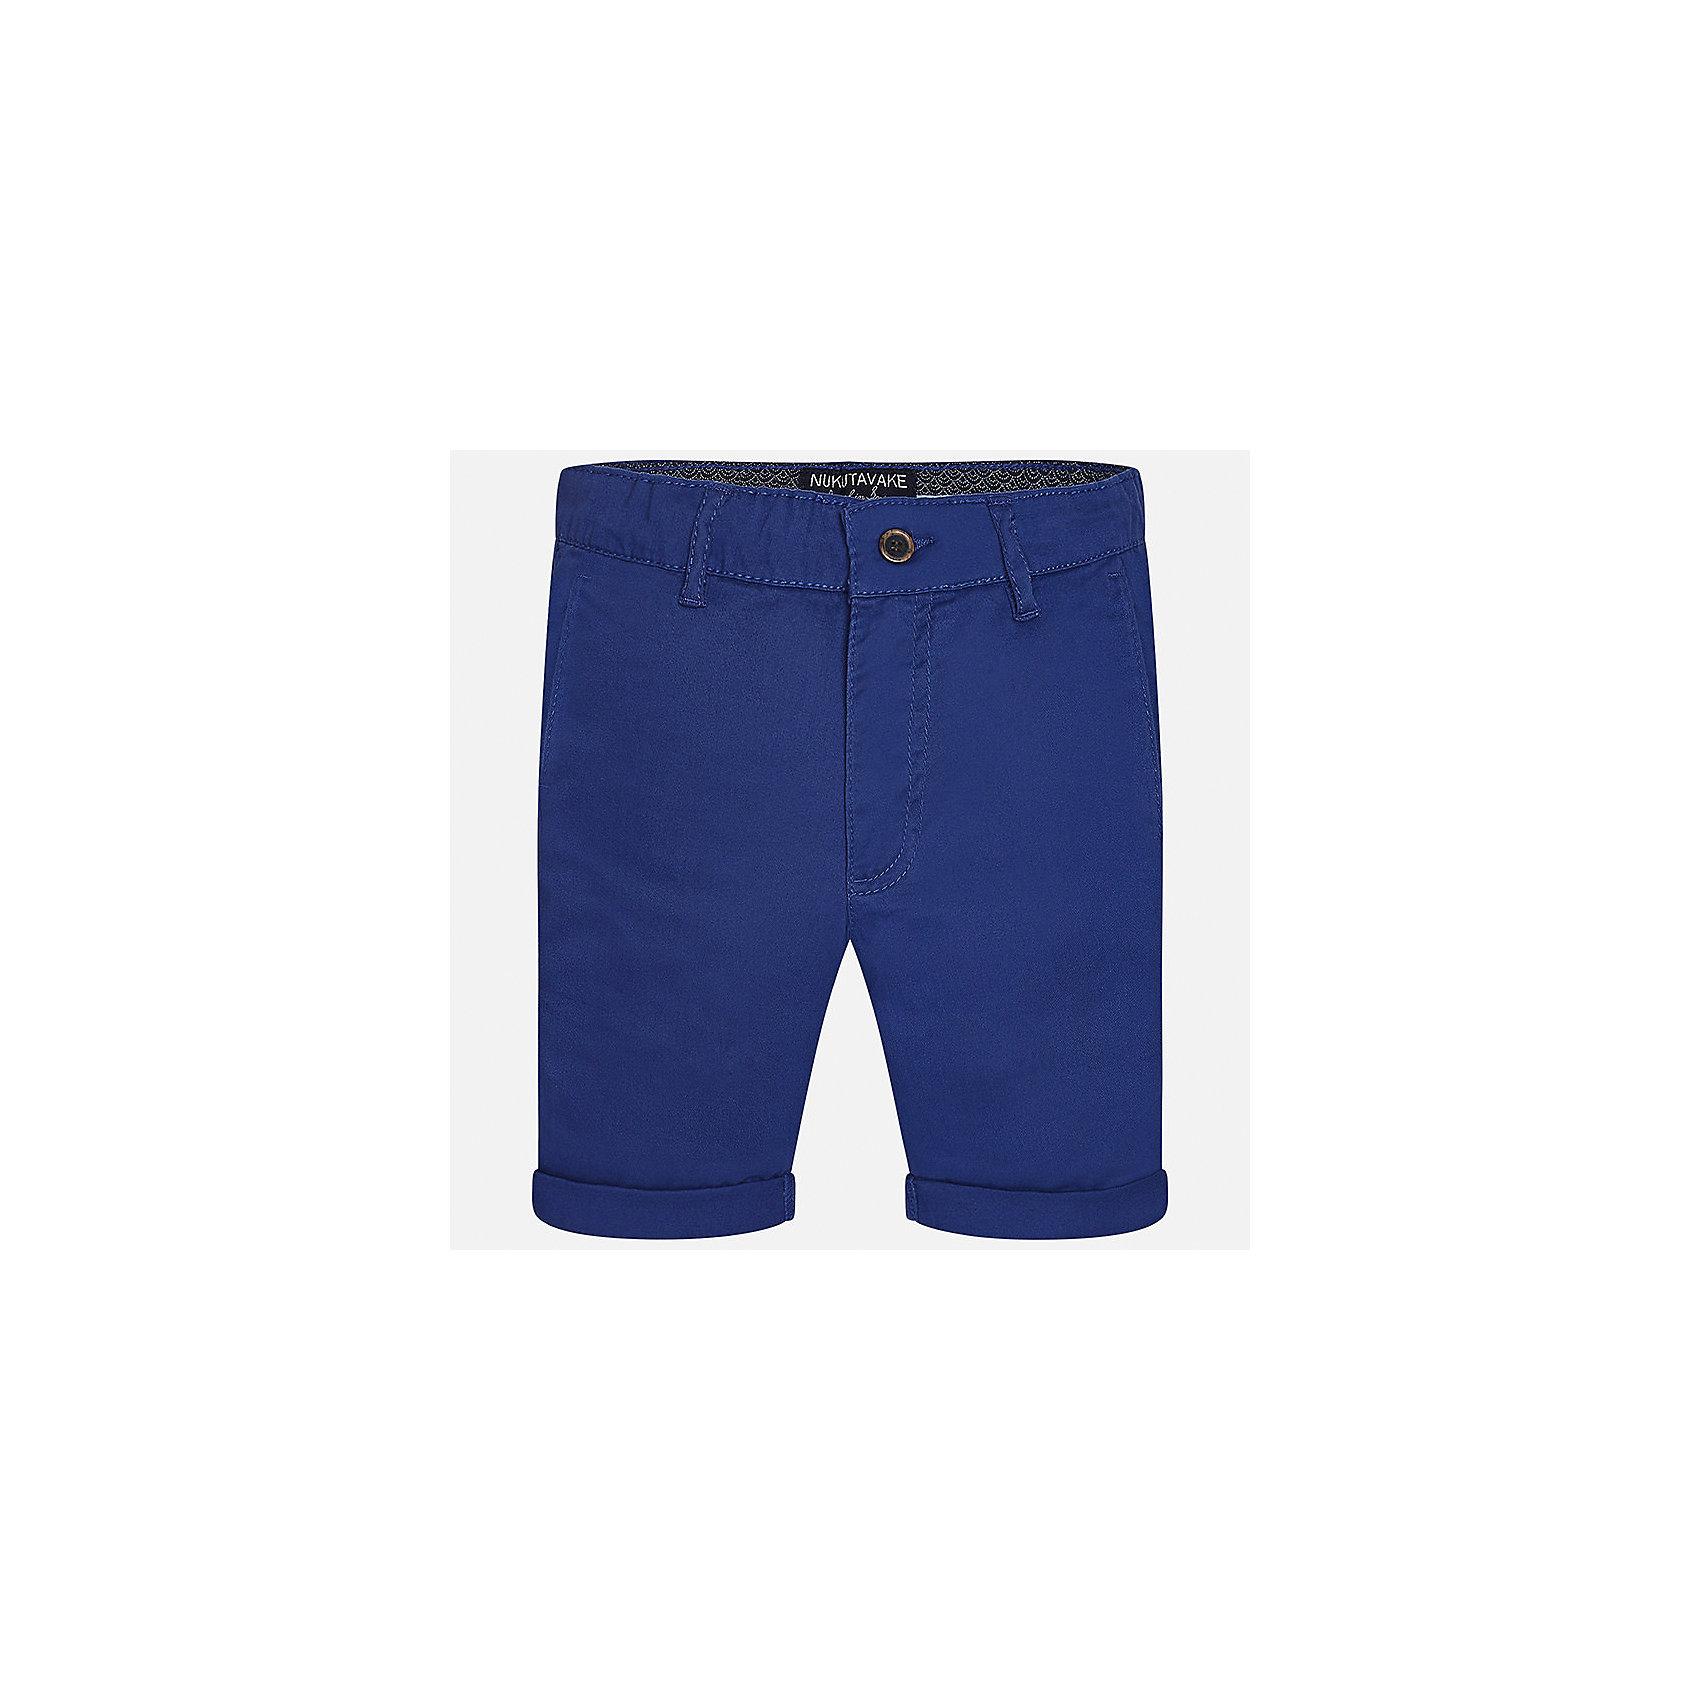 Шорты для мальчика MayoralШорты, бриджи, капри<br>Характеристики товара:<br><br>• цвет: синий<br>• состав: 97% хлопок, 3% эластан<br>• отвороты<br>• шлевки<br>• средняя длина<br>• пояс с регулировкой объема<br>• классический силуэт<br>• страна бренда: Испания<br><br>Модные шорты для мальчика смогут стать базовой вещью в гардеробе ребенка. Они отлично сочетаются с майками, футболками, рубашками и т.д.  Практичное и стильное изделие! В составе материала - натуральный хлопок, гипоаллергенный, приятный на ощупь, дышащий.<br><br>Шорты для мальчика от испанского бренда Mayoral (Майорал) можно купить в нашем интернет-магазине.<br><br>Ширина мм: 191<br>Глубина мм: 10<br>Высота мм: 175<br>Вес г: 273<br>Цвет: синий<br>Возраст от месяцев: 144<br>Возраст до месяцев: 156<br>Пол: Мужской<br>Возраст: Детский<br>Размер: 128/134,164,158,170,152,140<br>SKU: 5277925